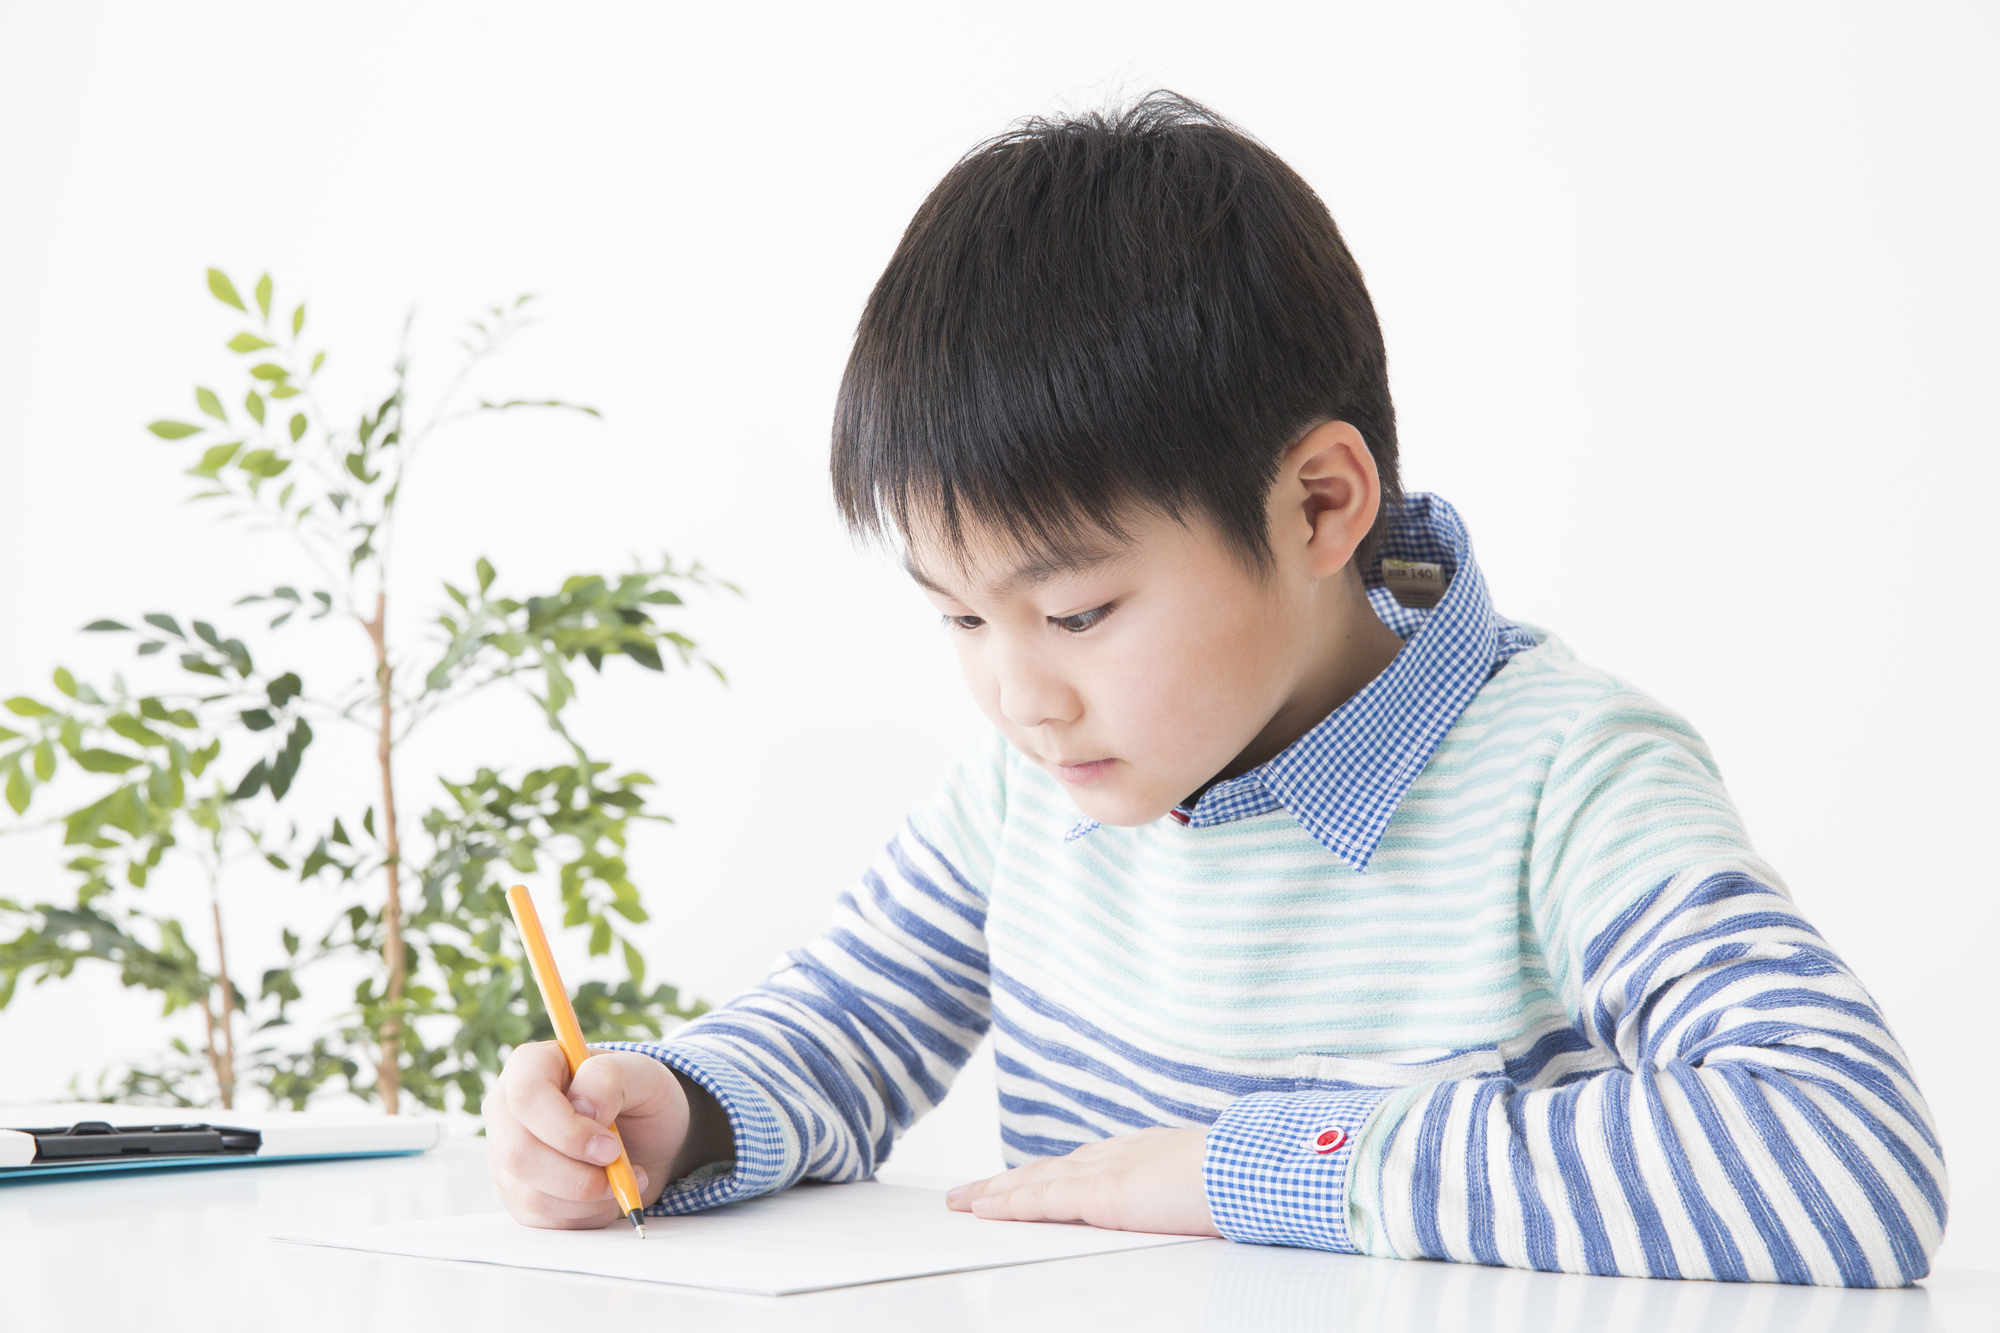 紙にペンで何か書いている男の子